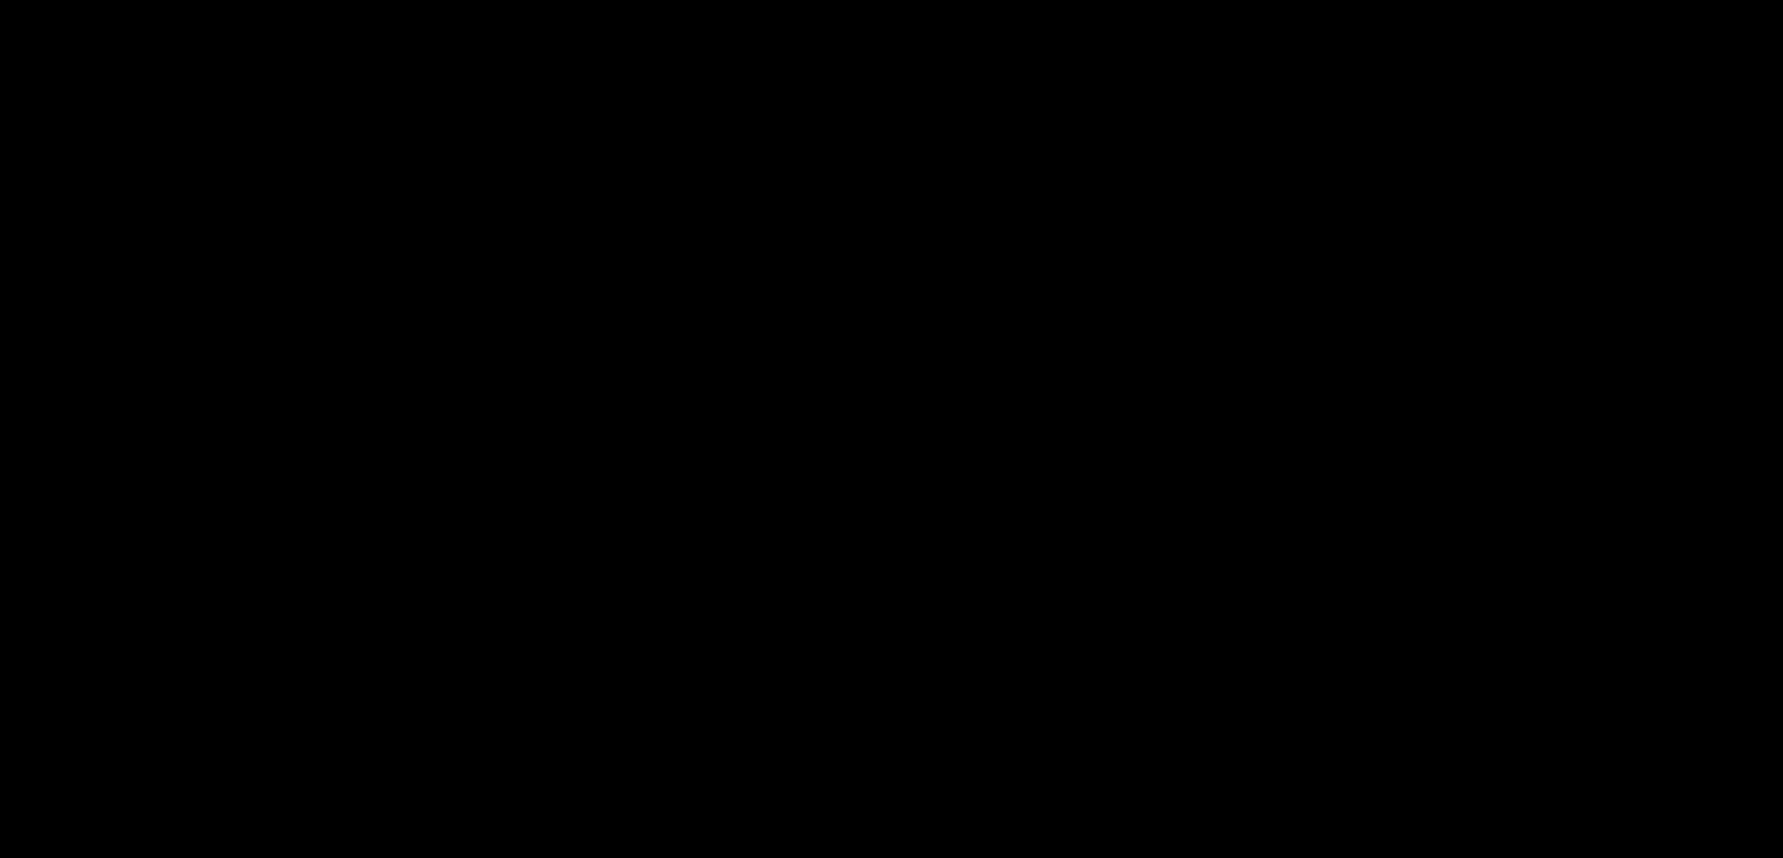 LOGO-ARKIPEL-SITE-07